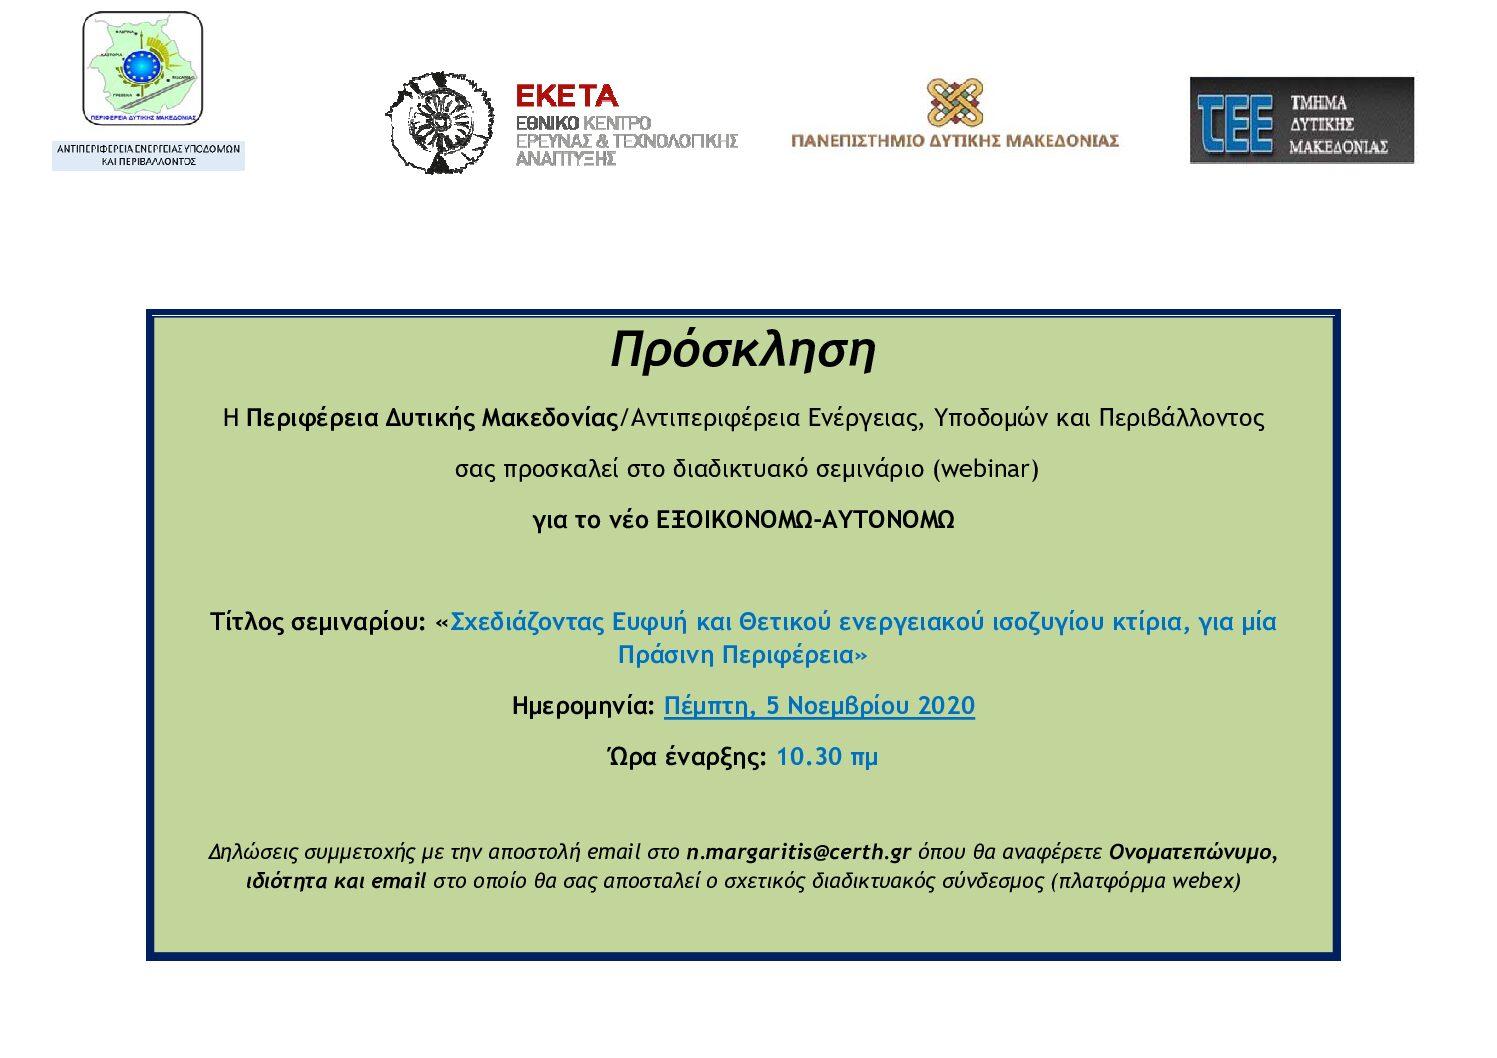 Διαδικτυακό Σεμινάριο για το νέο πρόγραμμα «ΕΞΟΙΚΟΝΟΜΩ - ΑΥΤΟΝΟΜΩ»